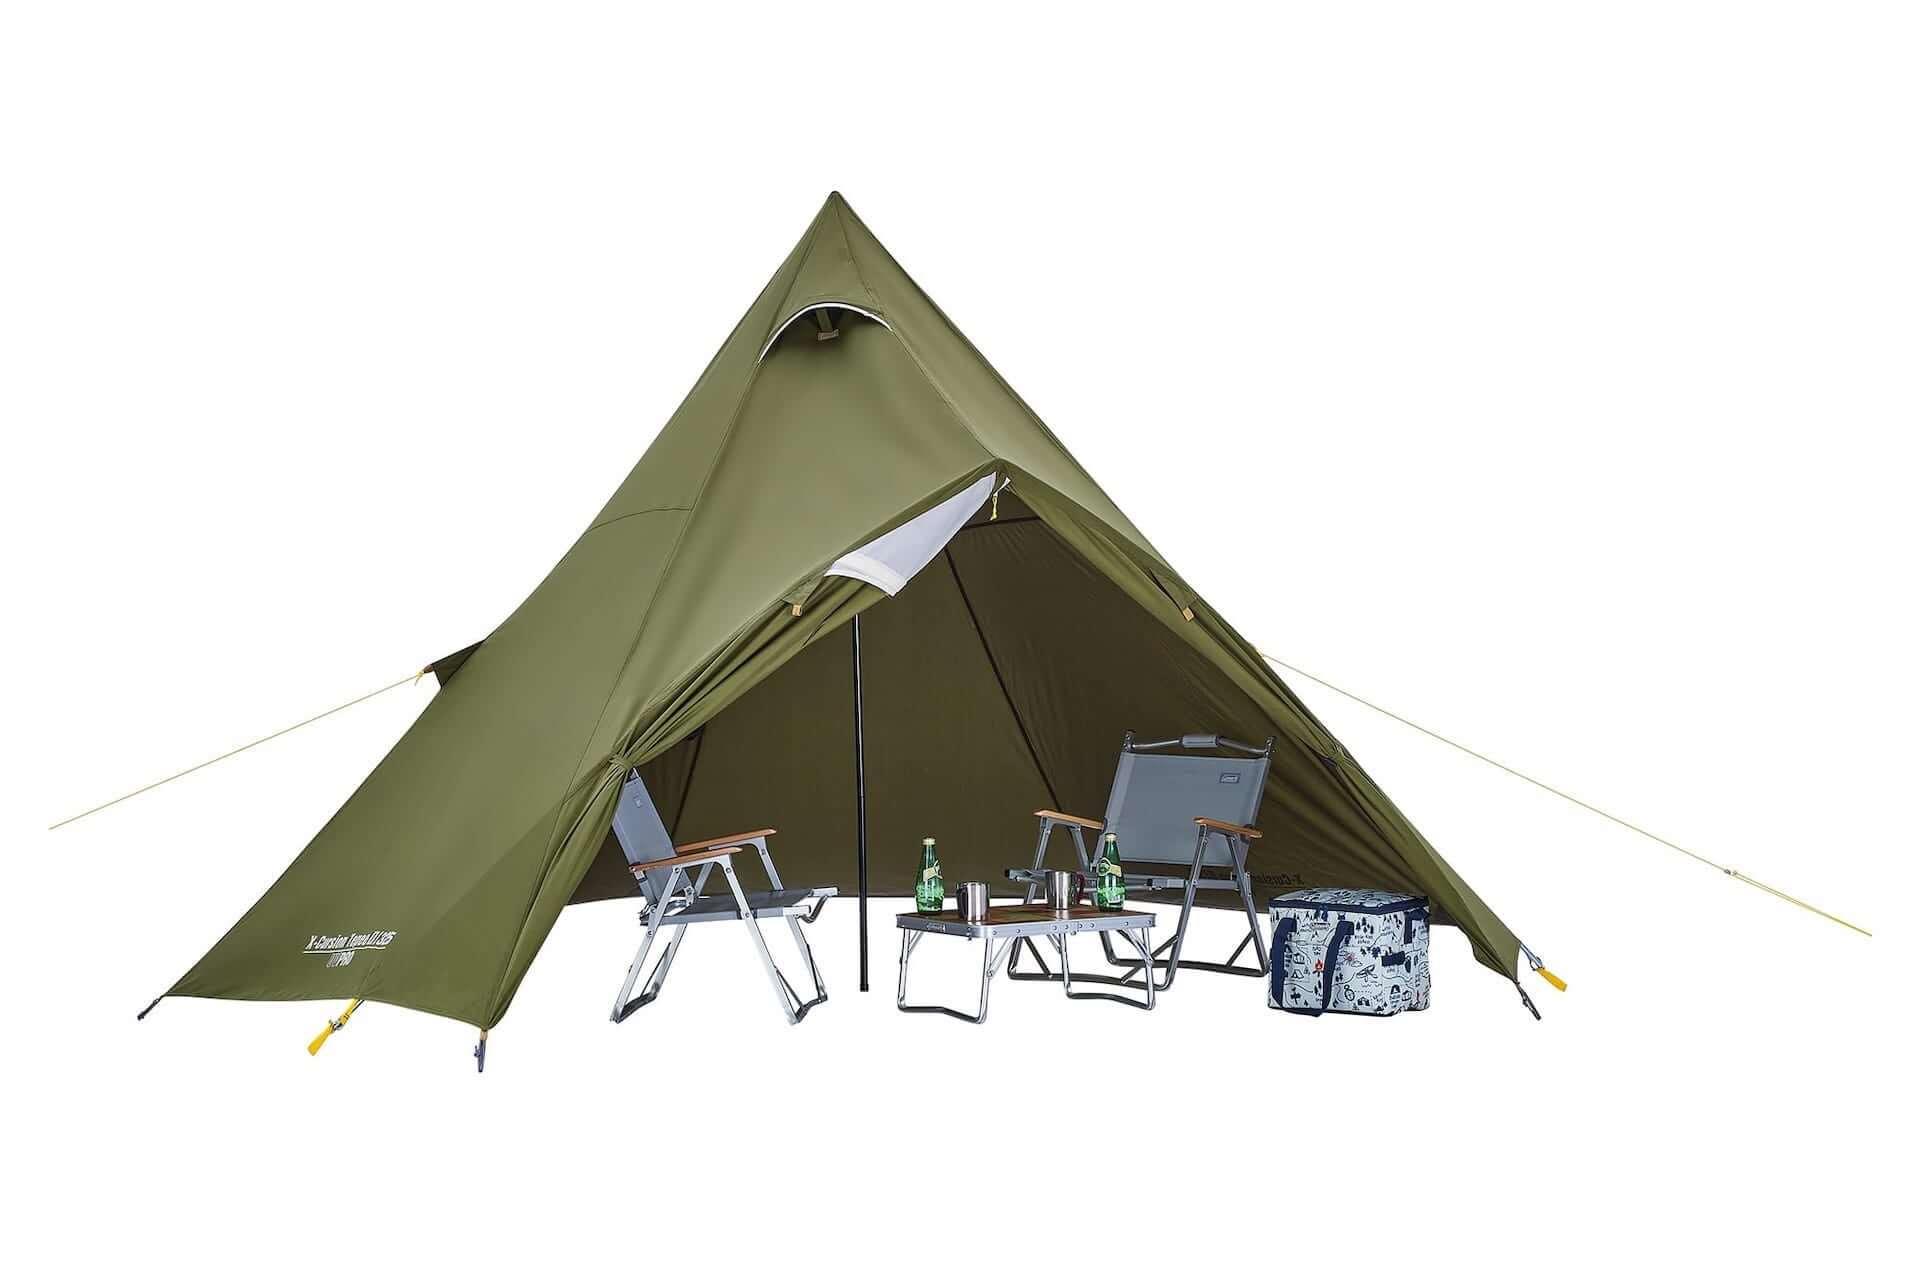 ソロキャンプにもおすすめなテント、ヘキサタープがコールマンから登場!『ツーリングドーム』『ヘキサライトⅡ』など全4種が発売決定 lf210114_coleman_10-1920x1281